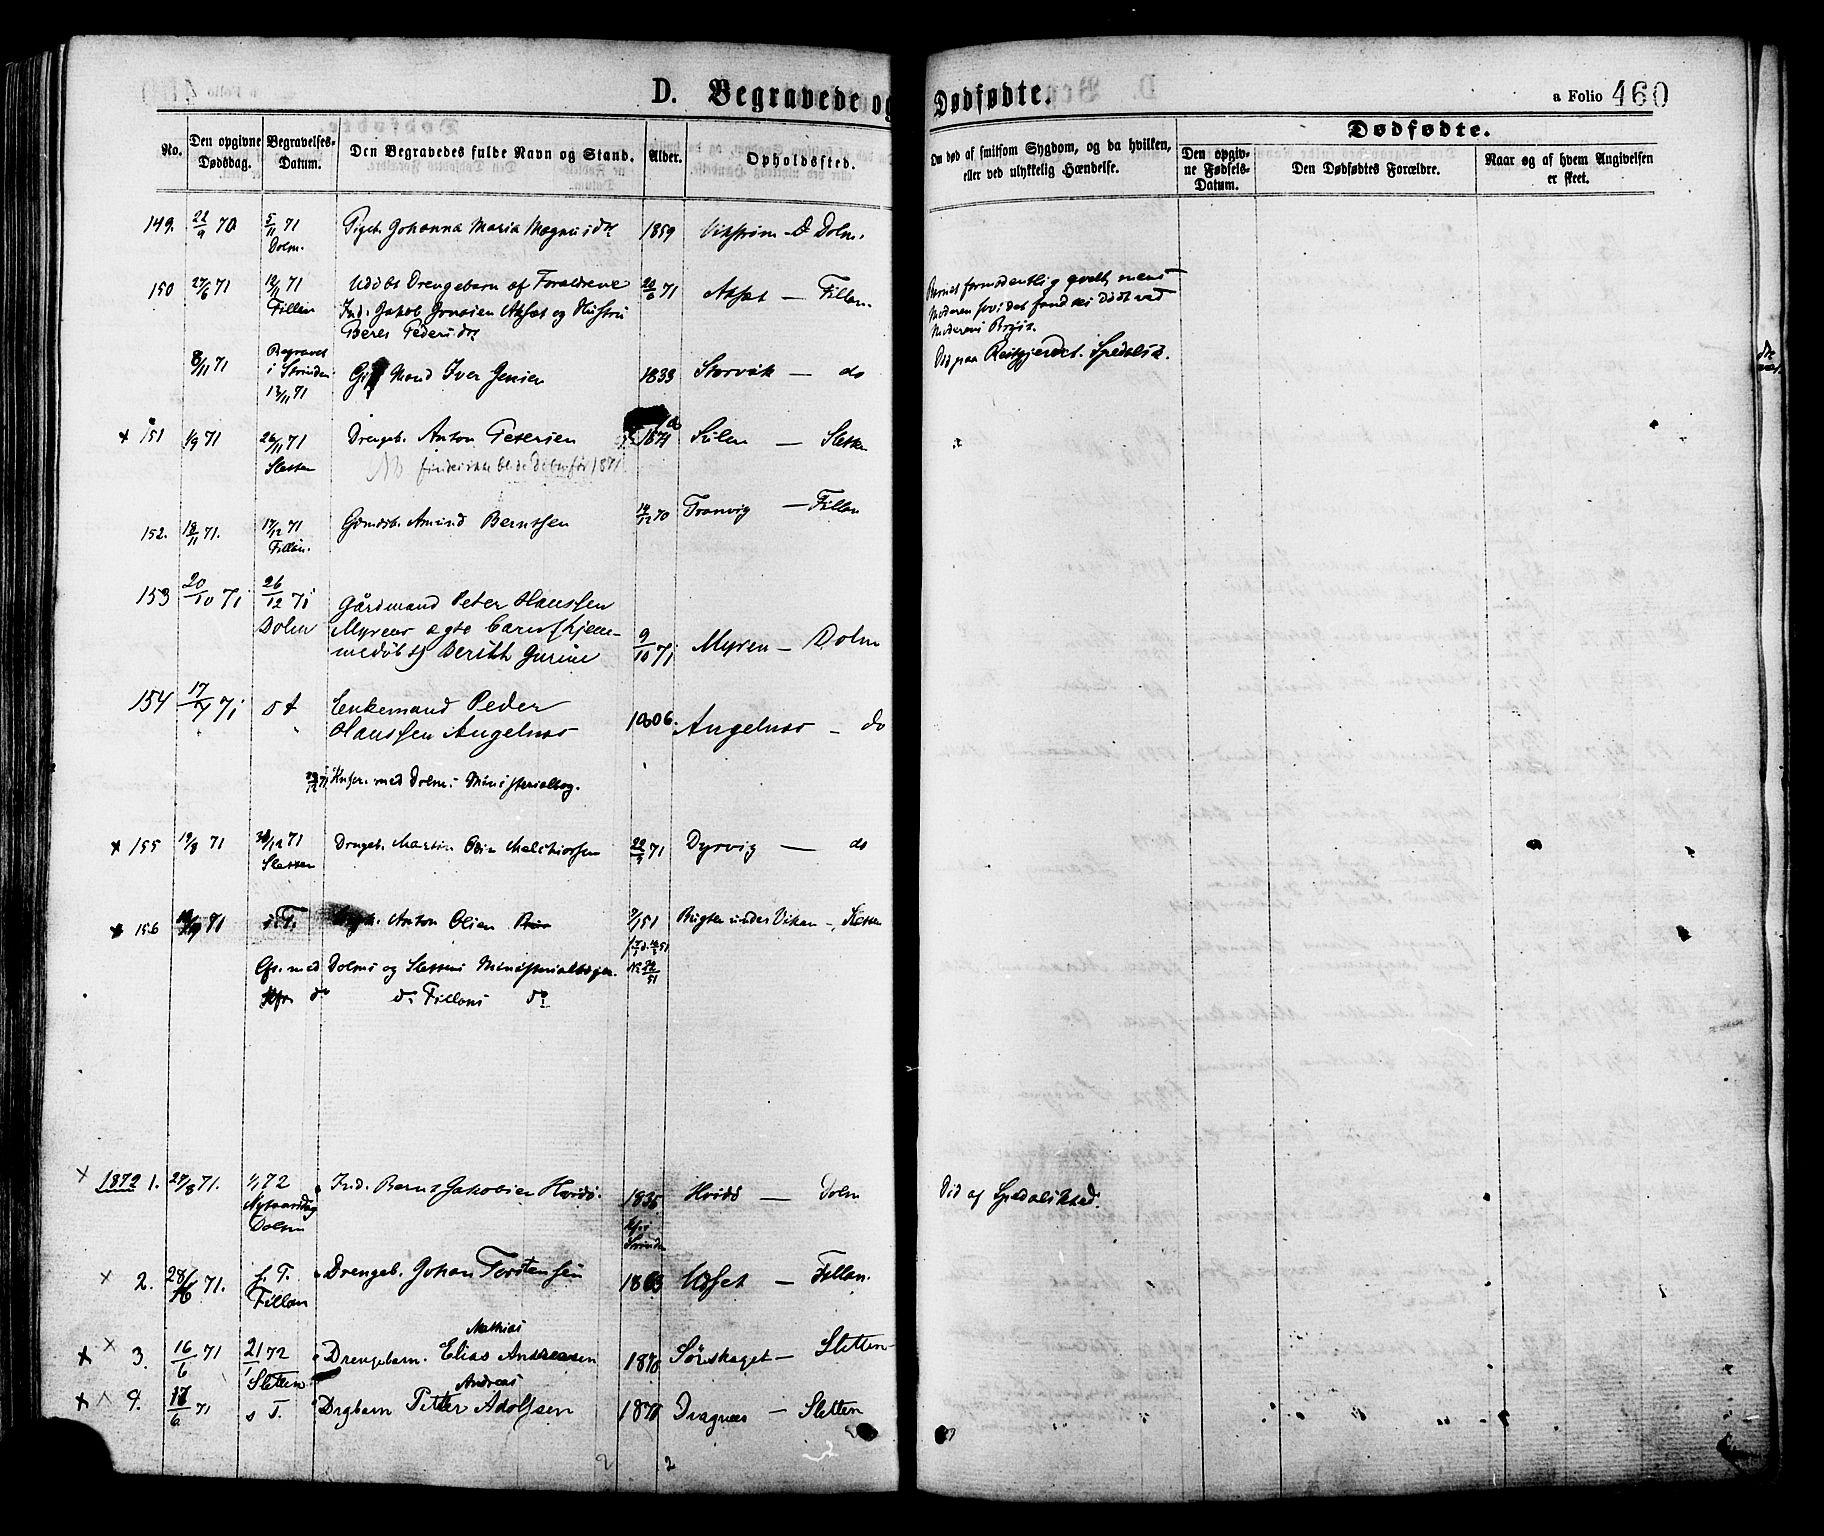 SAT, Ministerialprotokoller, klokkerbøker og fødselsregistre - Sør-Trøndelag, 634/L0532: Ministerialbok nr. 634A08, 1871-1881, s. 460